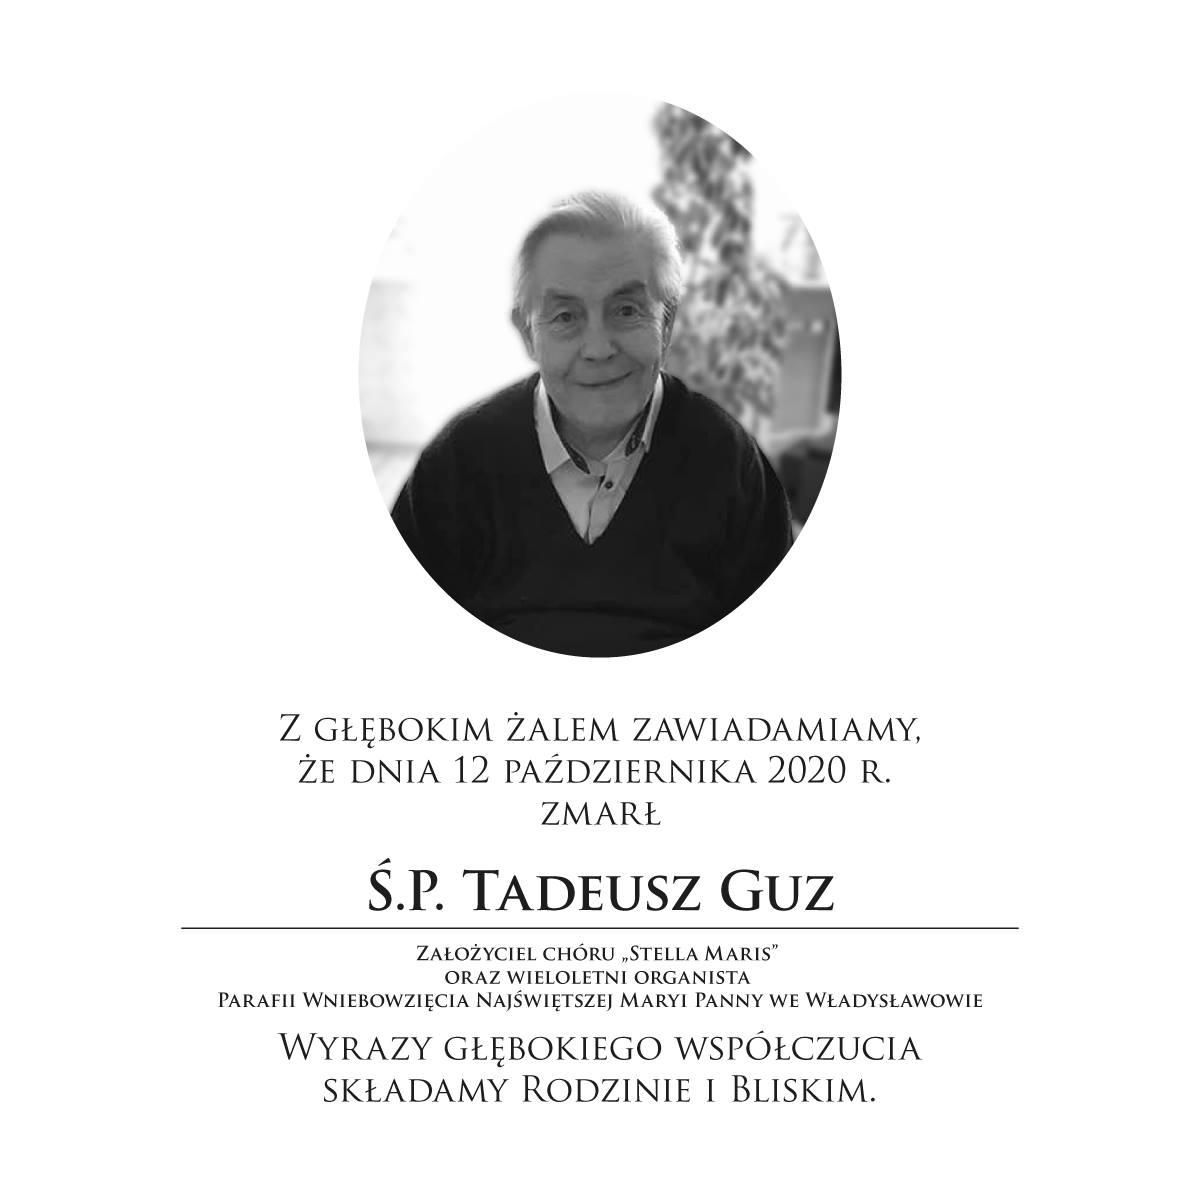 Nie żyje Tadeusz Guz, organista z parafii we Władysławowie